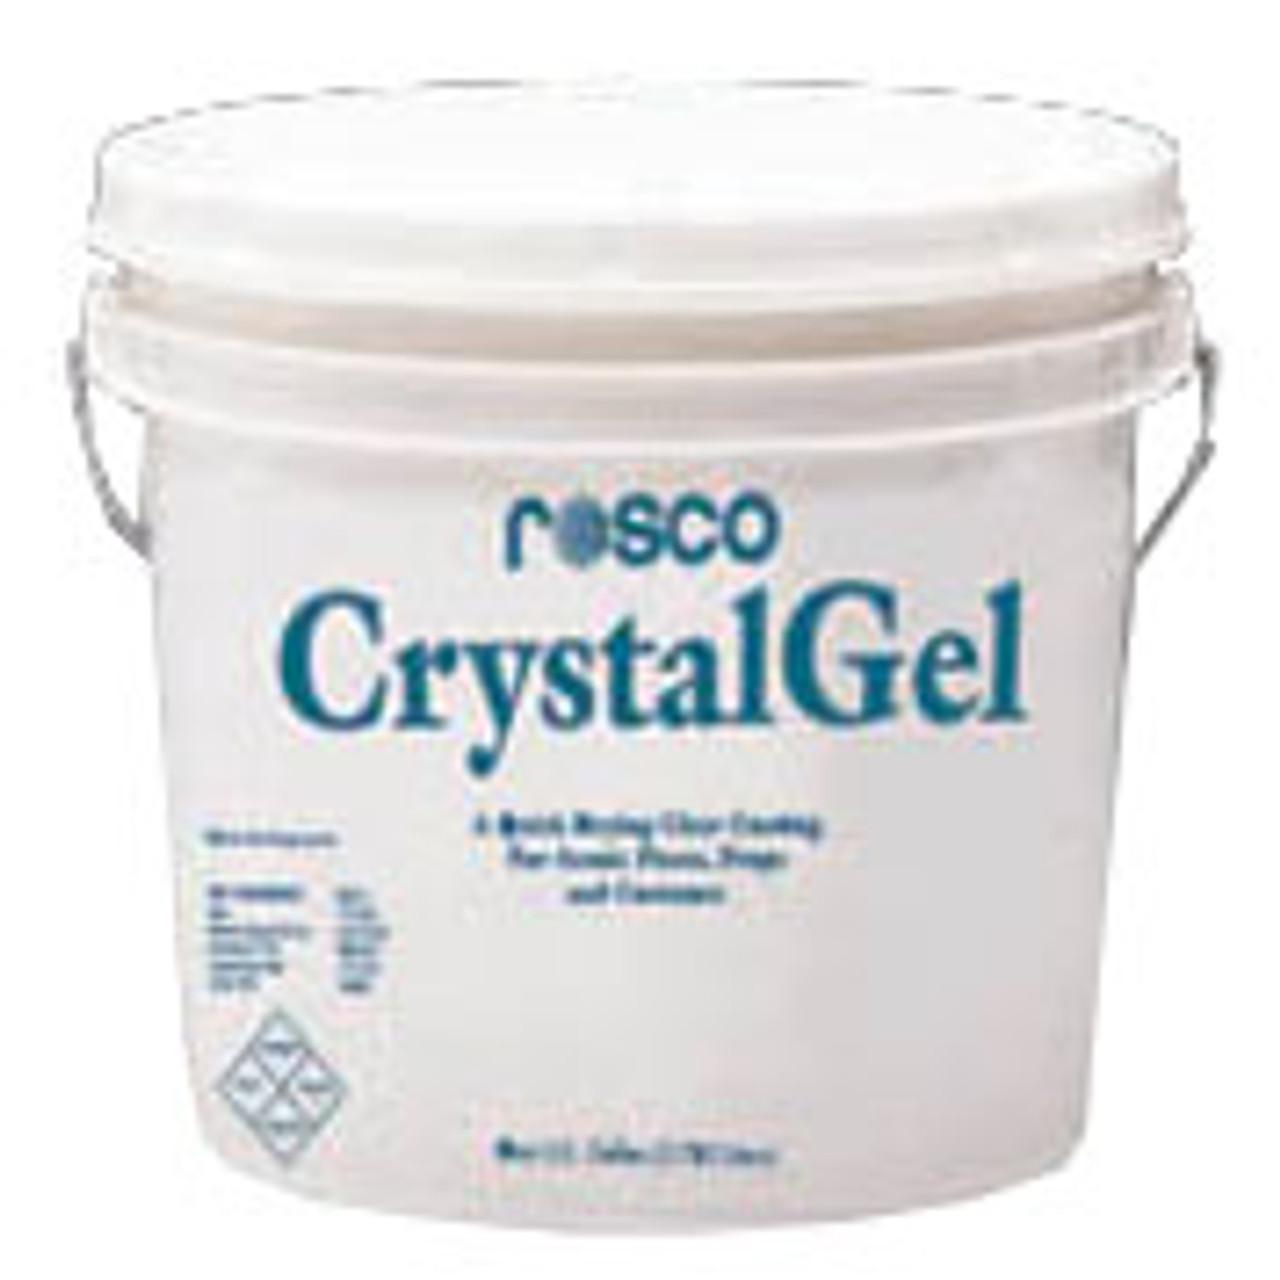 Rosco Crystal Gel